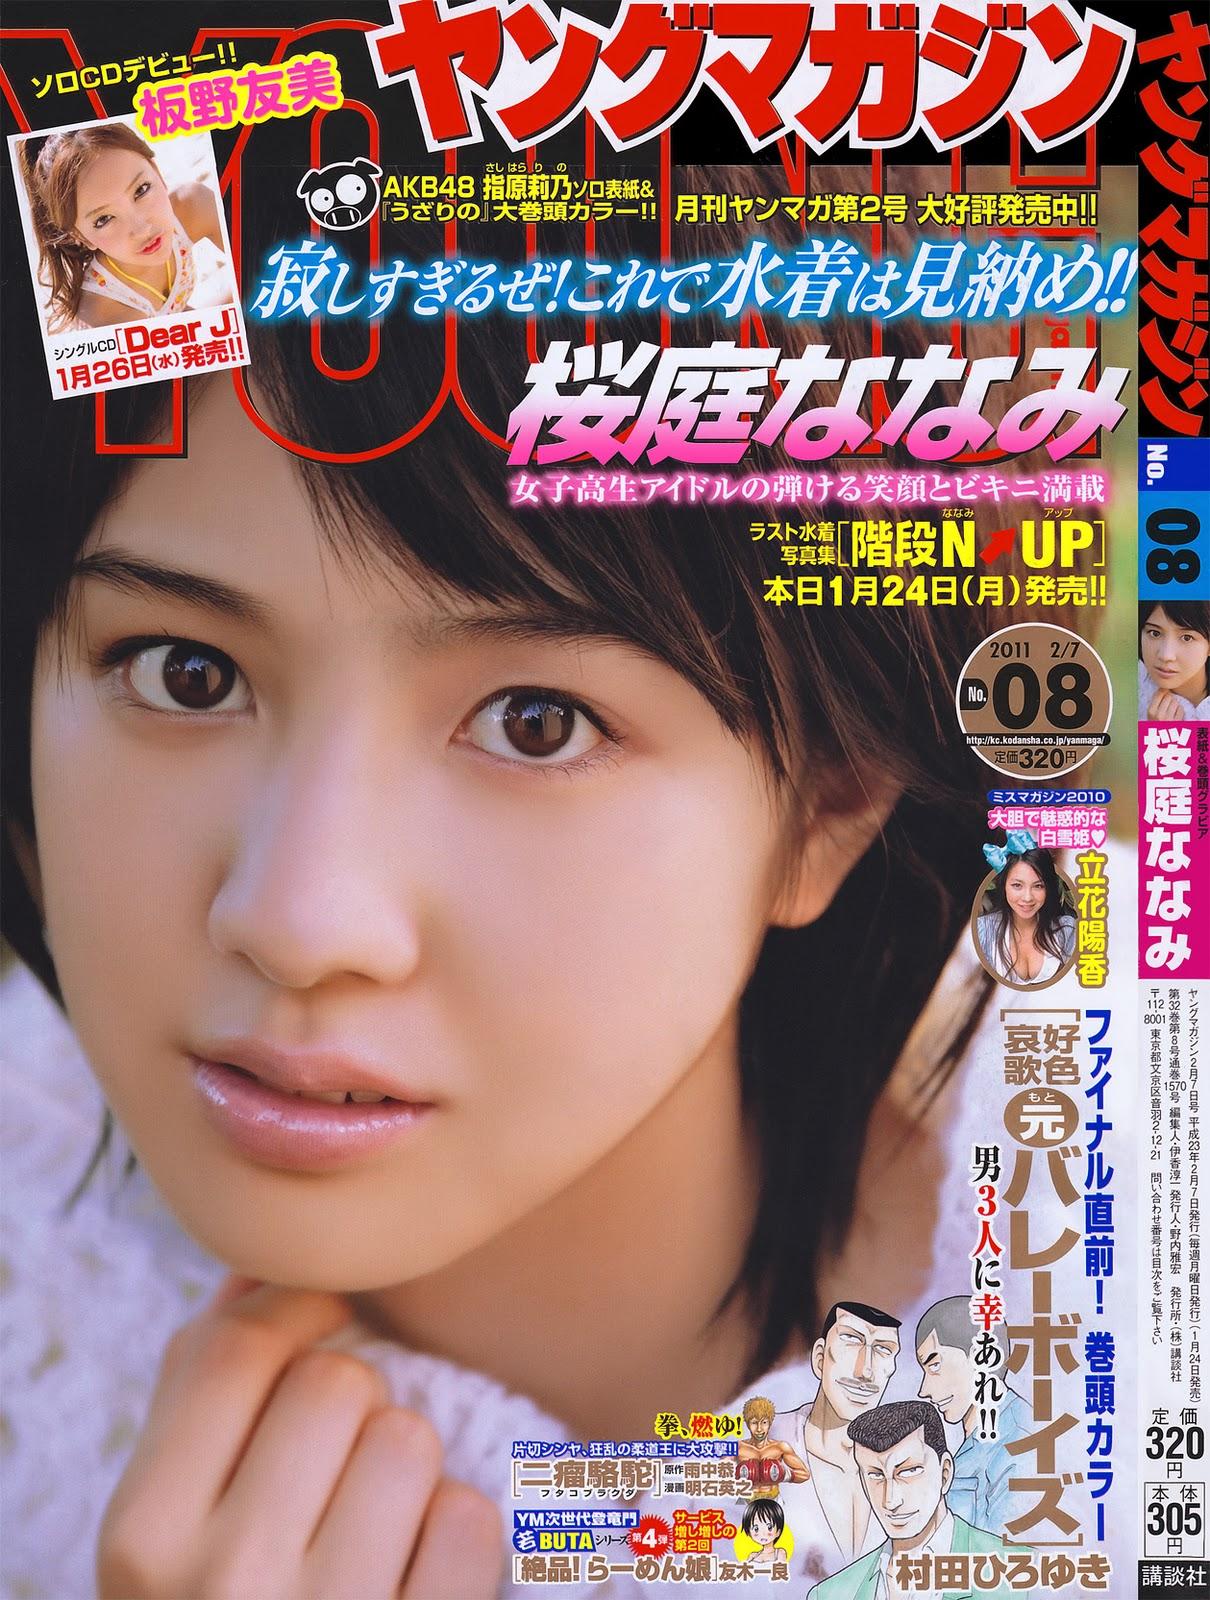 Nanamiの画像 p1_31